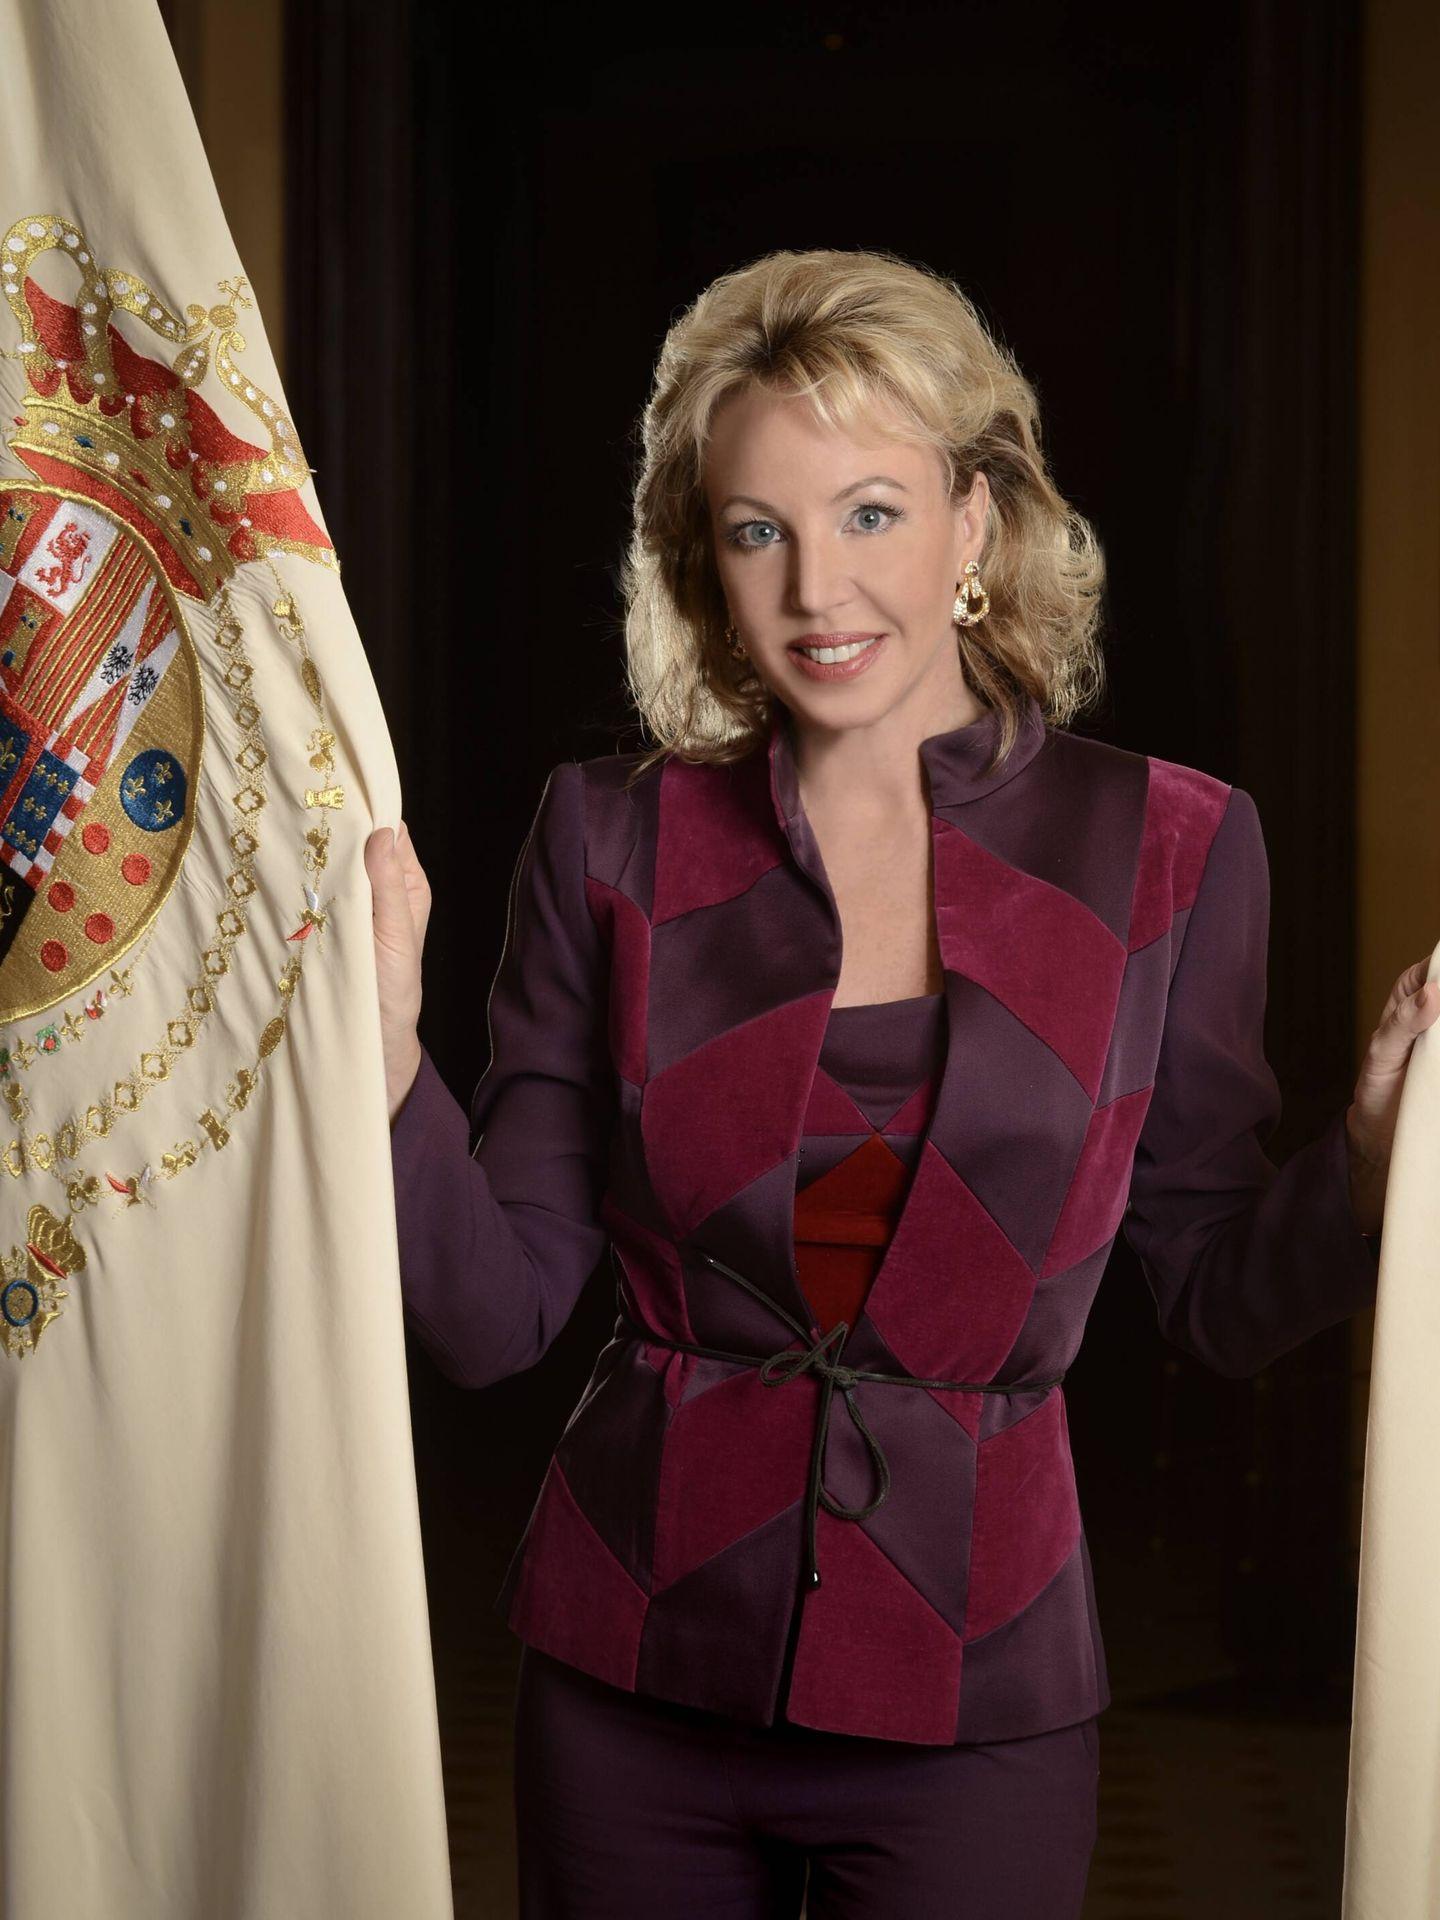 La princesa Camilla de Borbón-Dos Sicilias. (Imagen cedida)